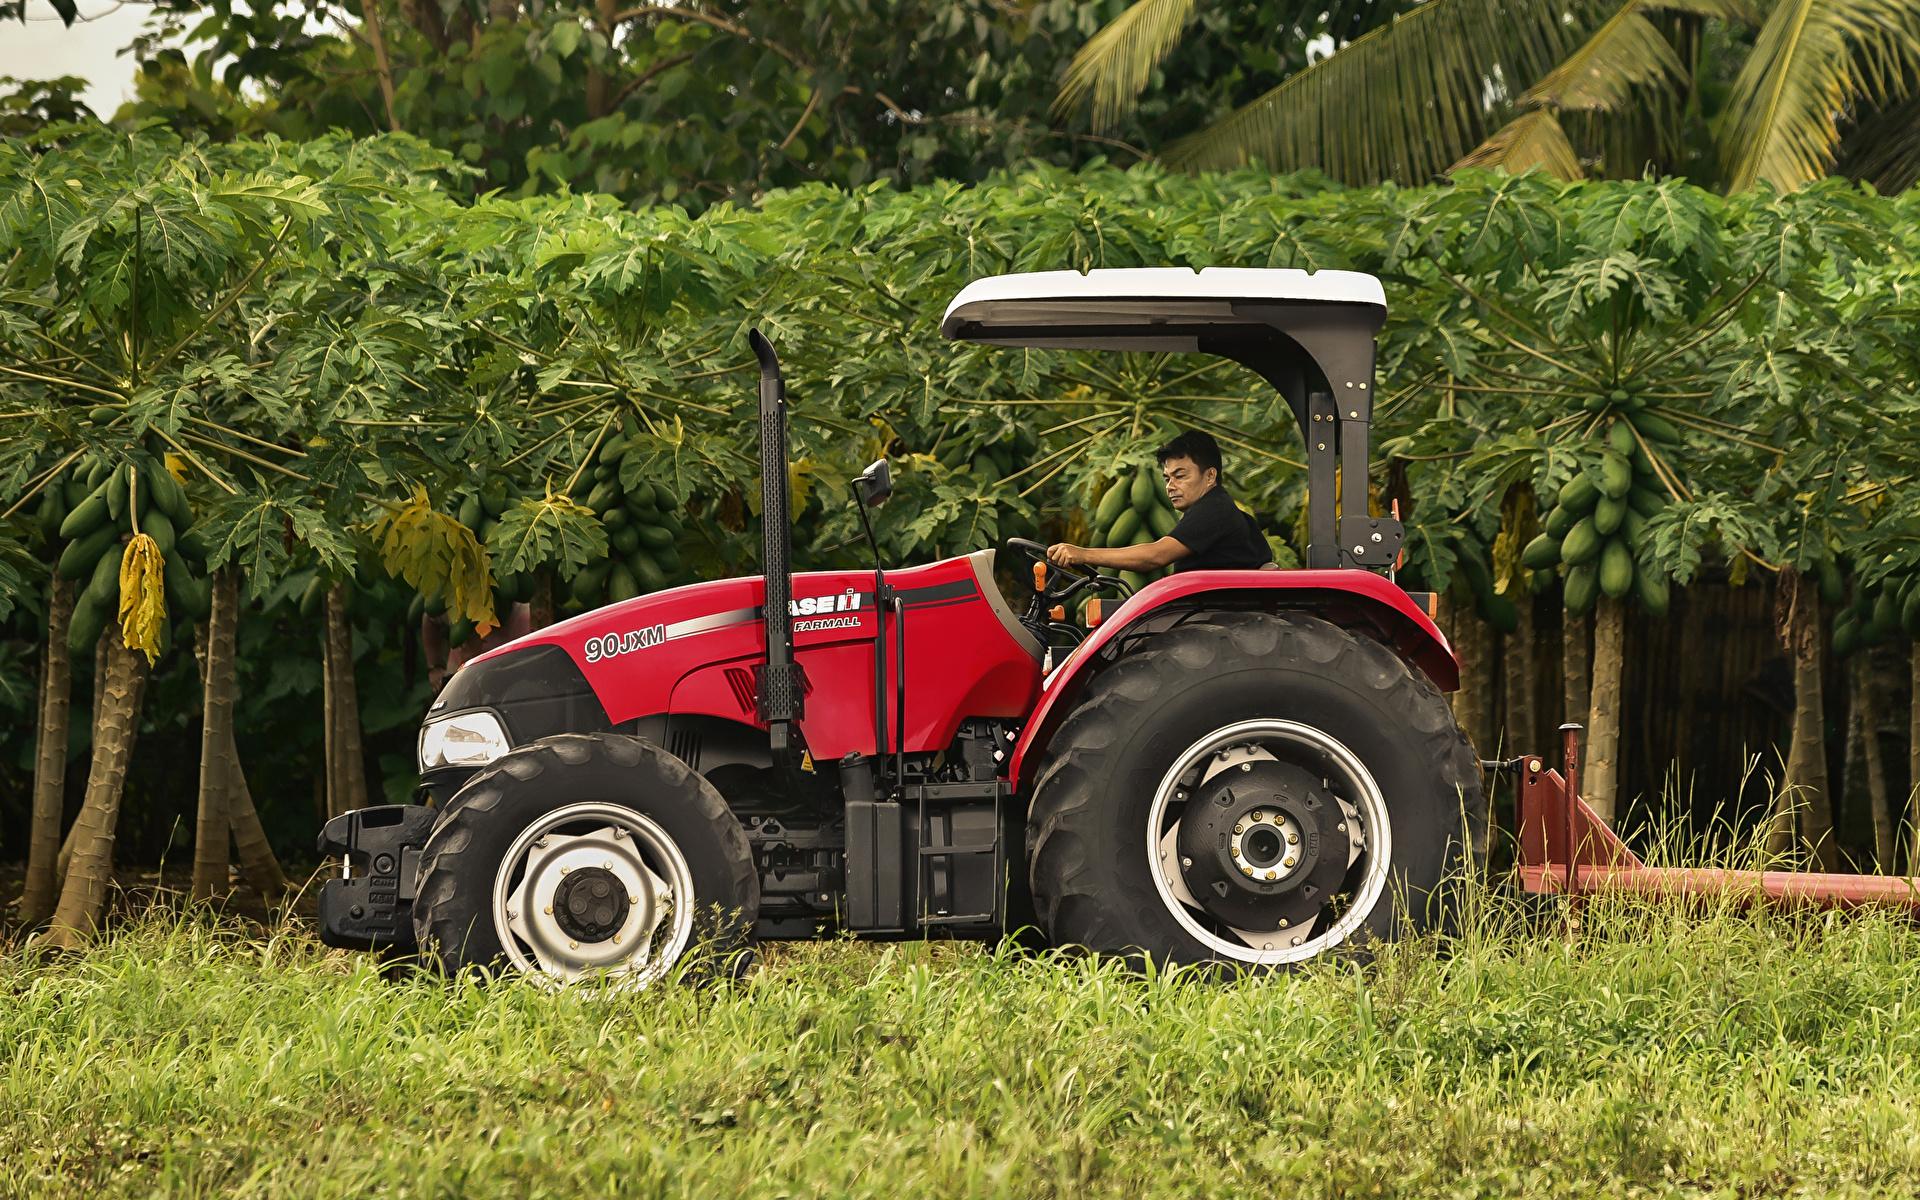 Картинка Сельскохозяйственная техника трактора 2015-19 Case IH Farmall 90JXM Сбоку 1920x1200 Трактор тракторы